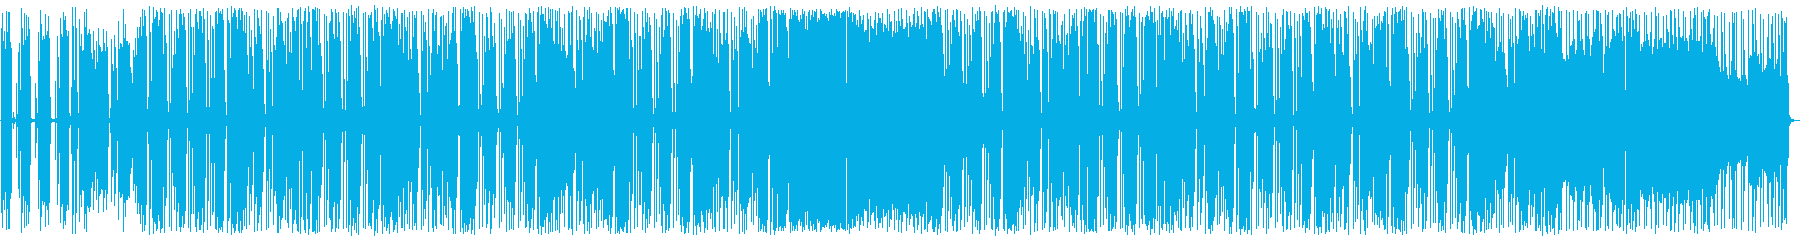 ロック 格好良い パンチがあるの再生済みの波形